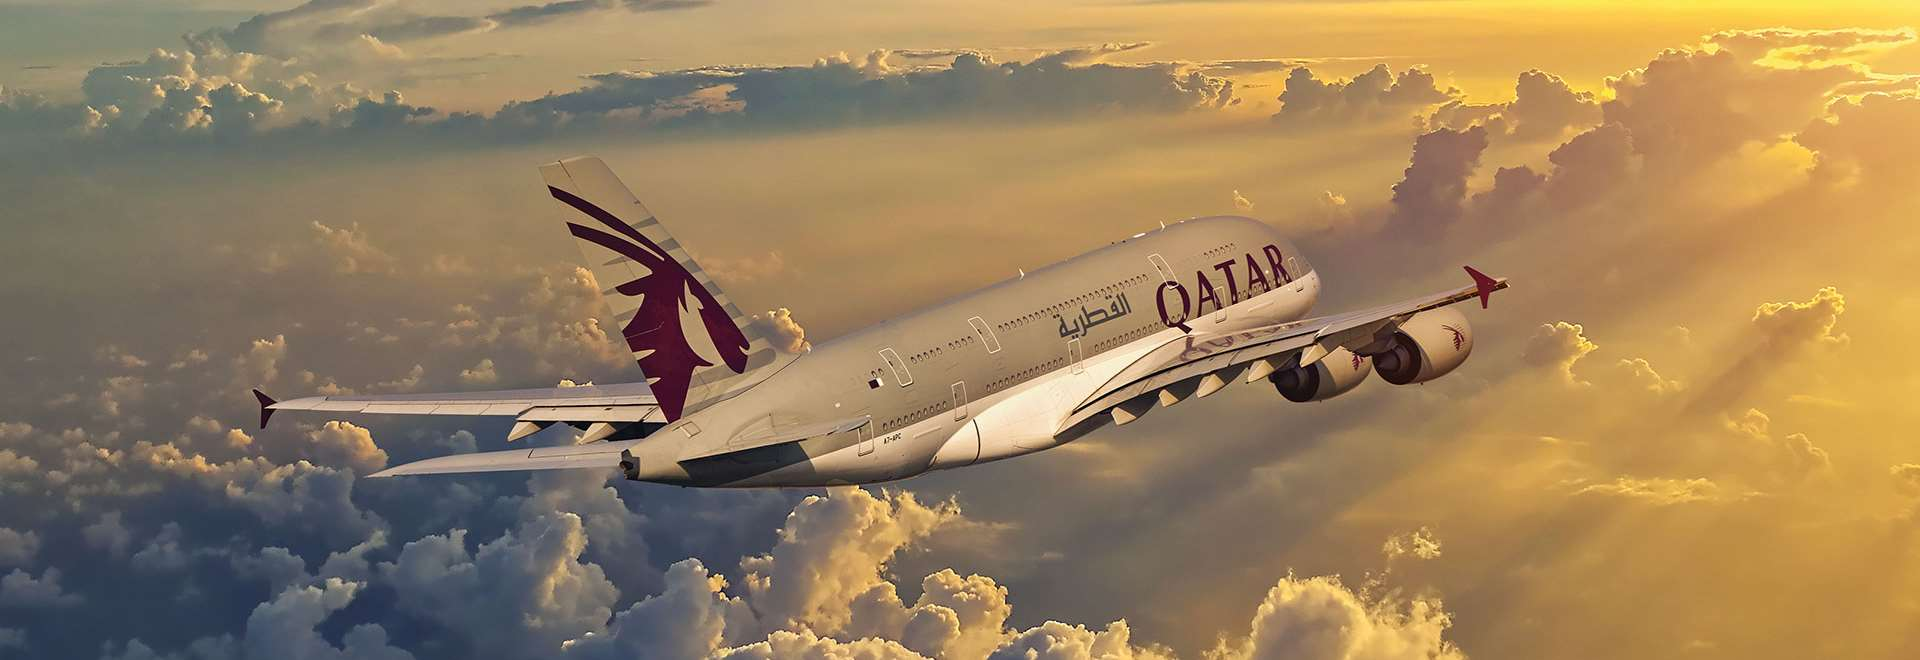 Qatar Airways flights | Netflights